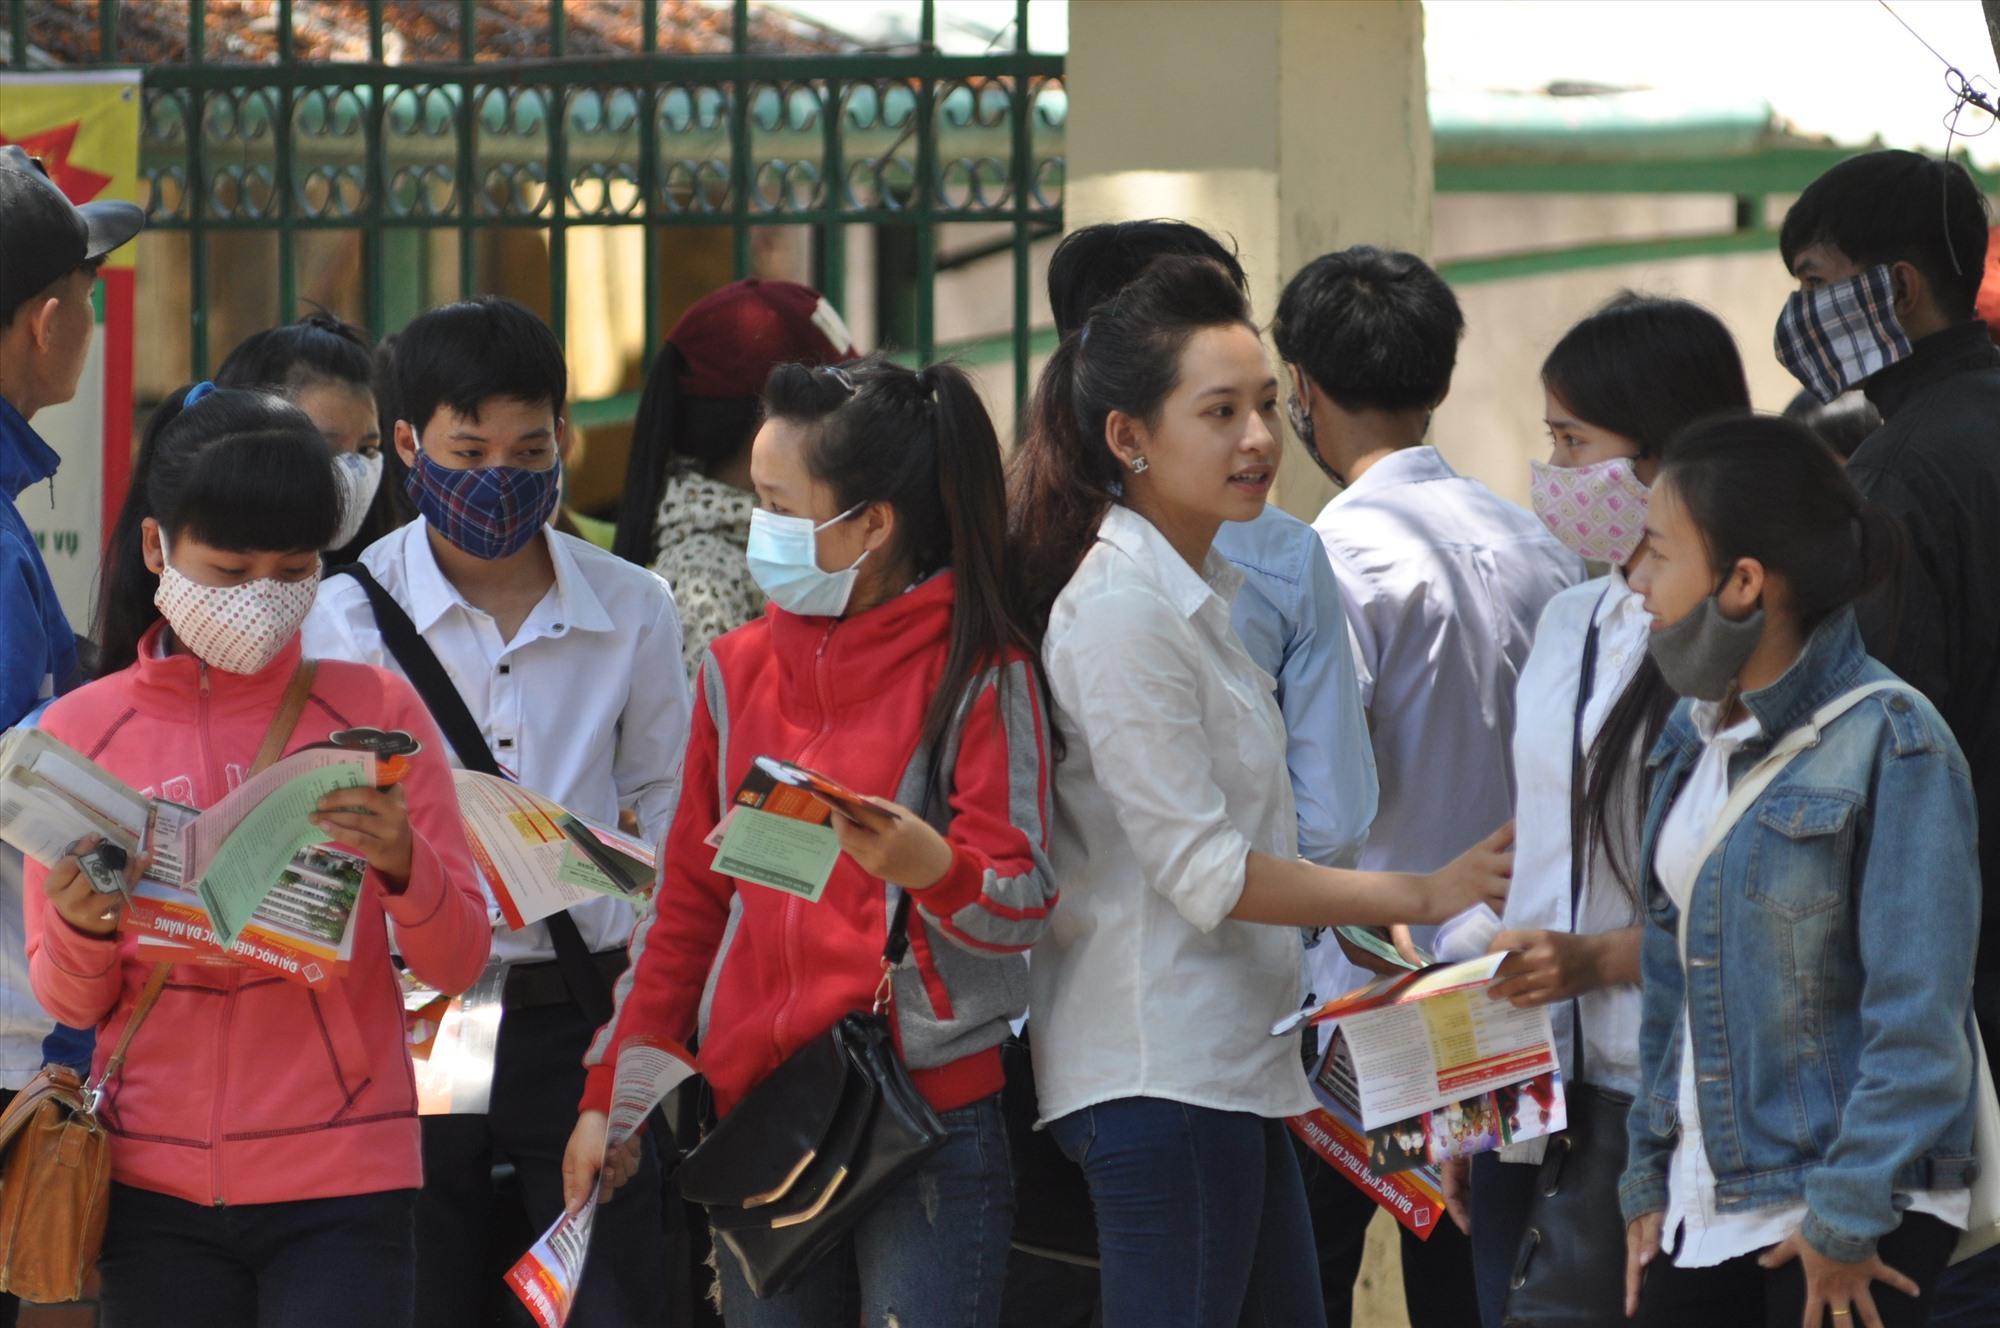 Ngành GD-ĐT khuyến cáo học sinh đi học phải đeo khẩu trang để phòng chống dịch.  Ảnh: X.P